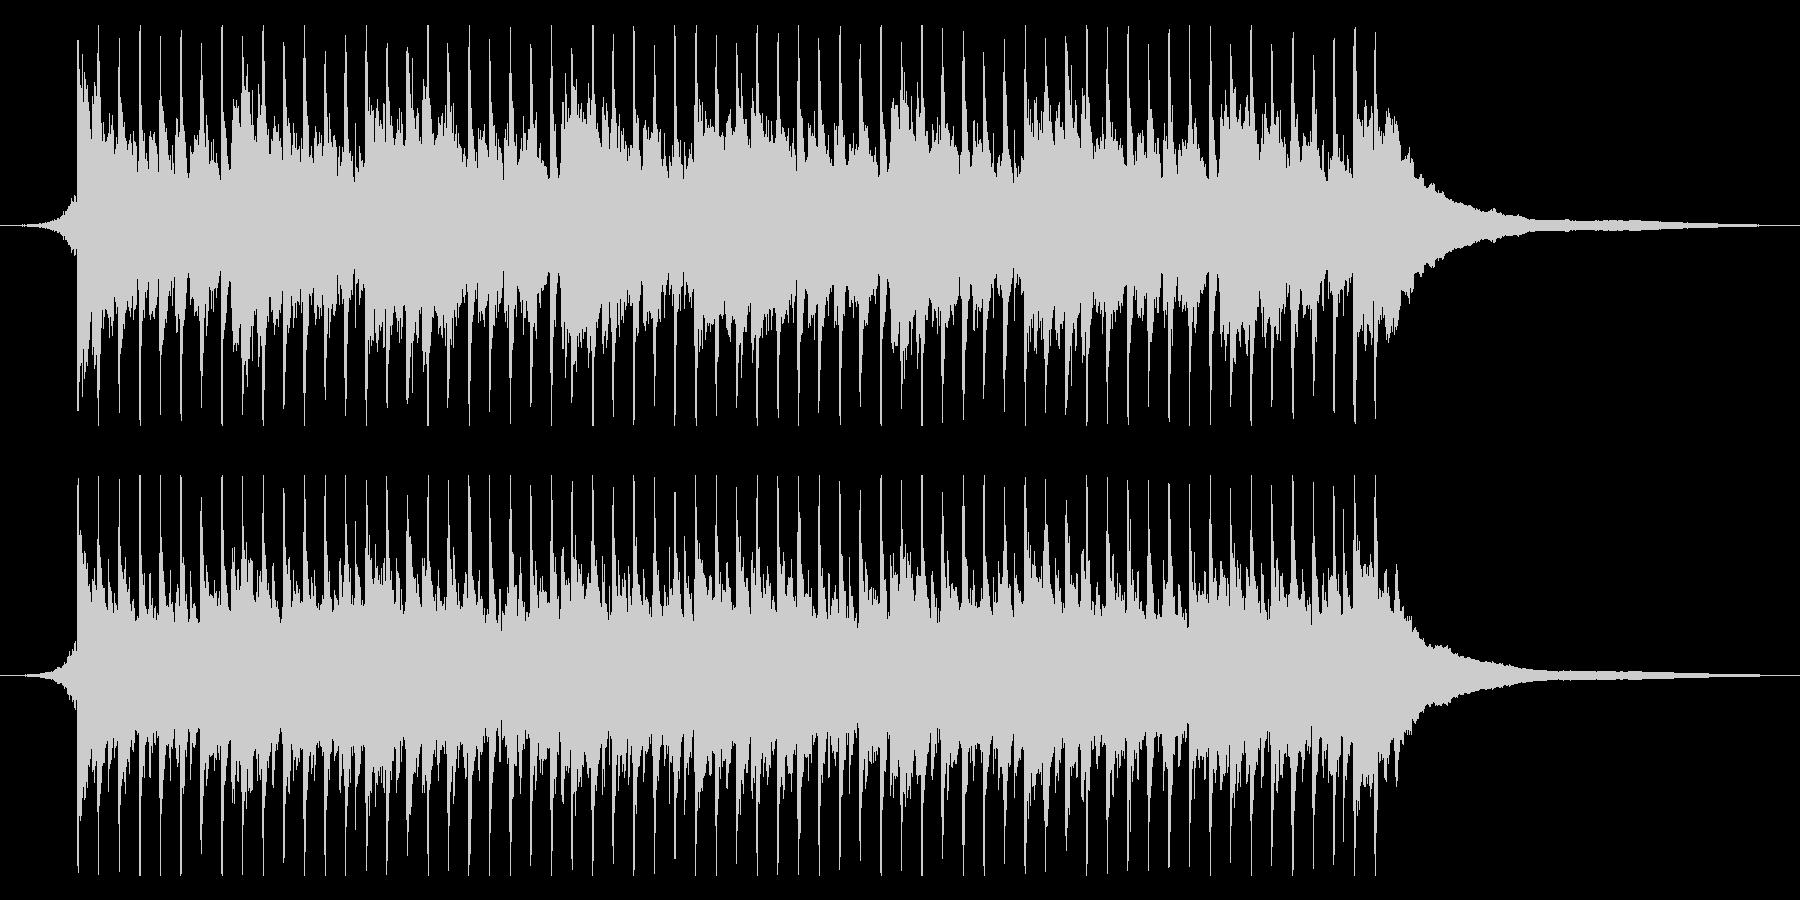 サビのみver ピアノ 爽快 STARTの未再生の波形